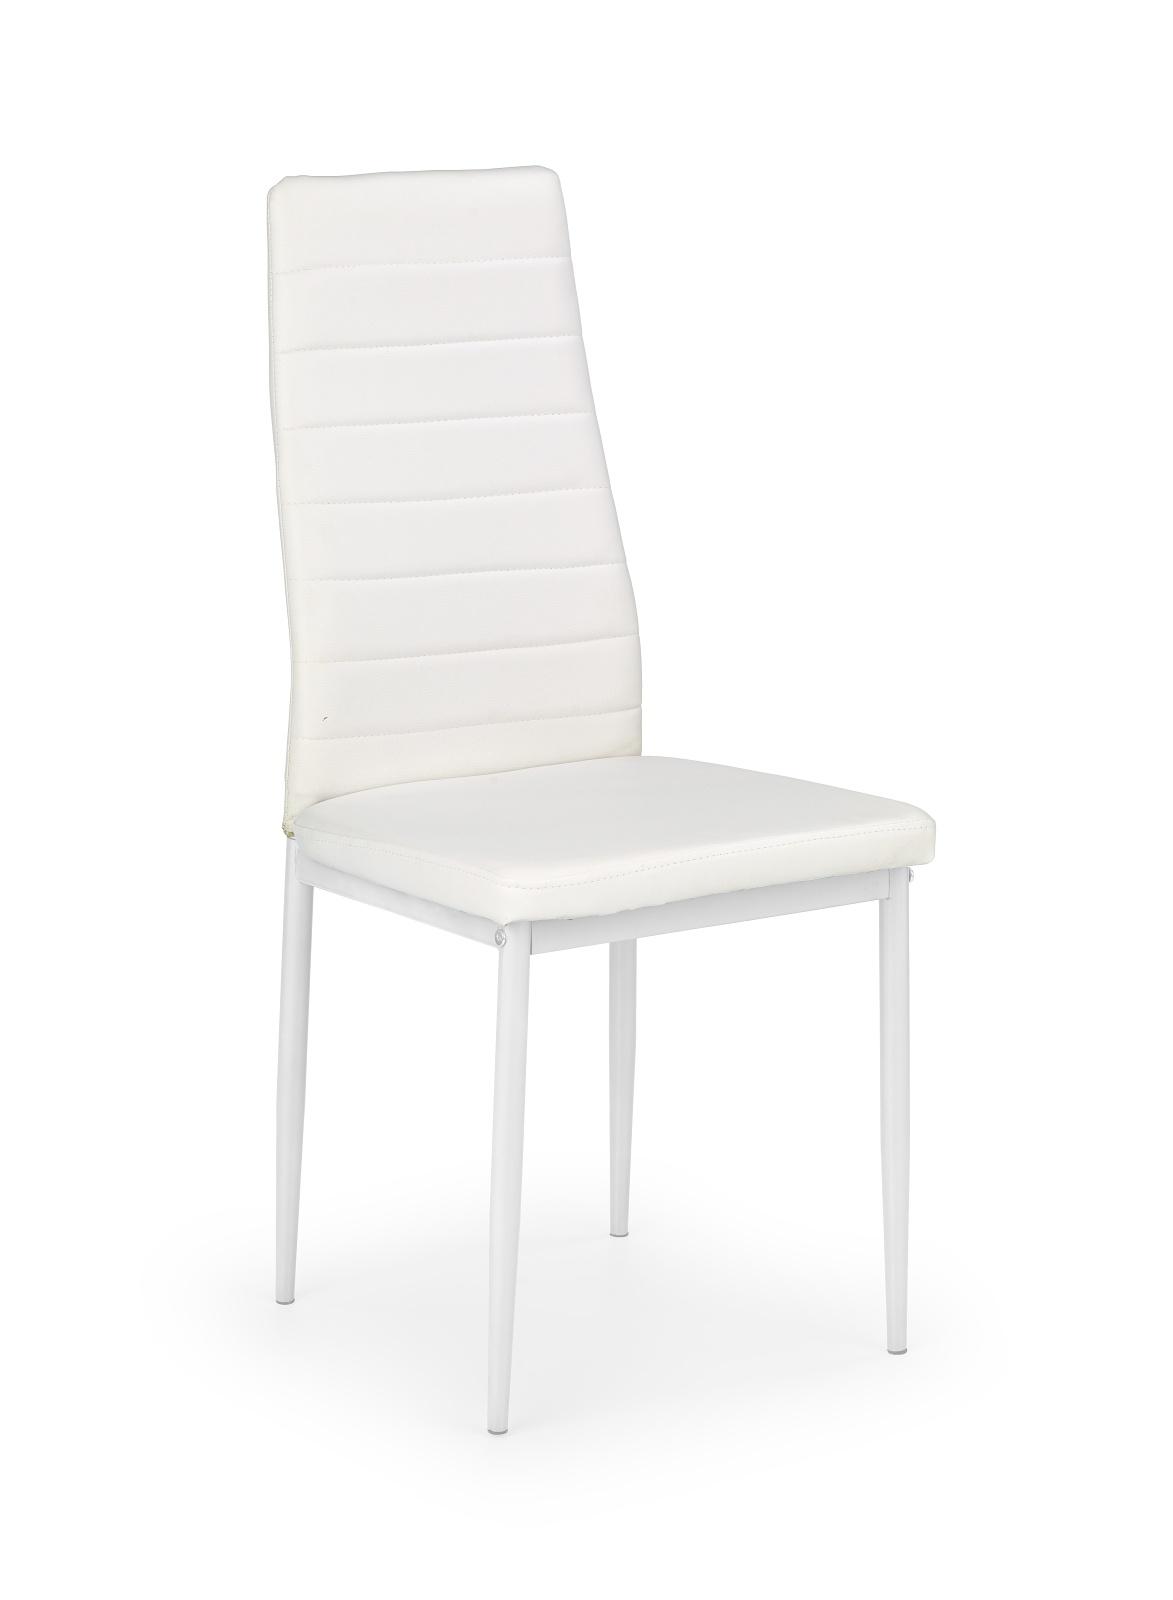 Jedálenská stolička - Halmar - K70 biela